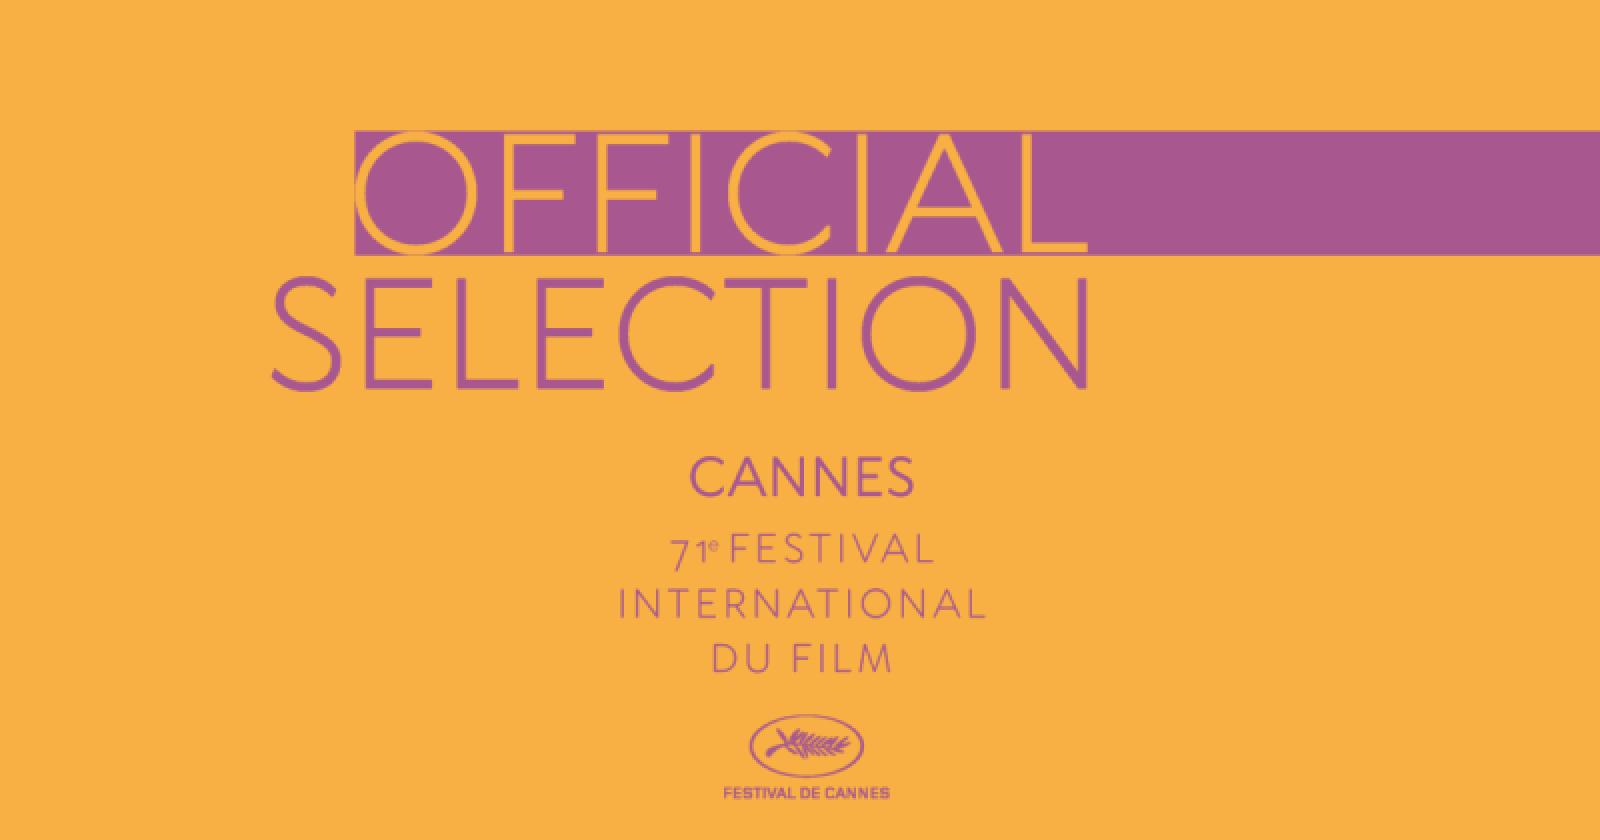 Festivalul de Film de la Cannes: Selecţia oficială a celei de-a 71-a ediţii